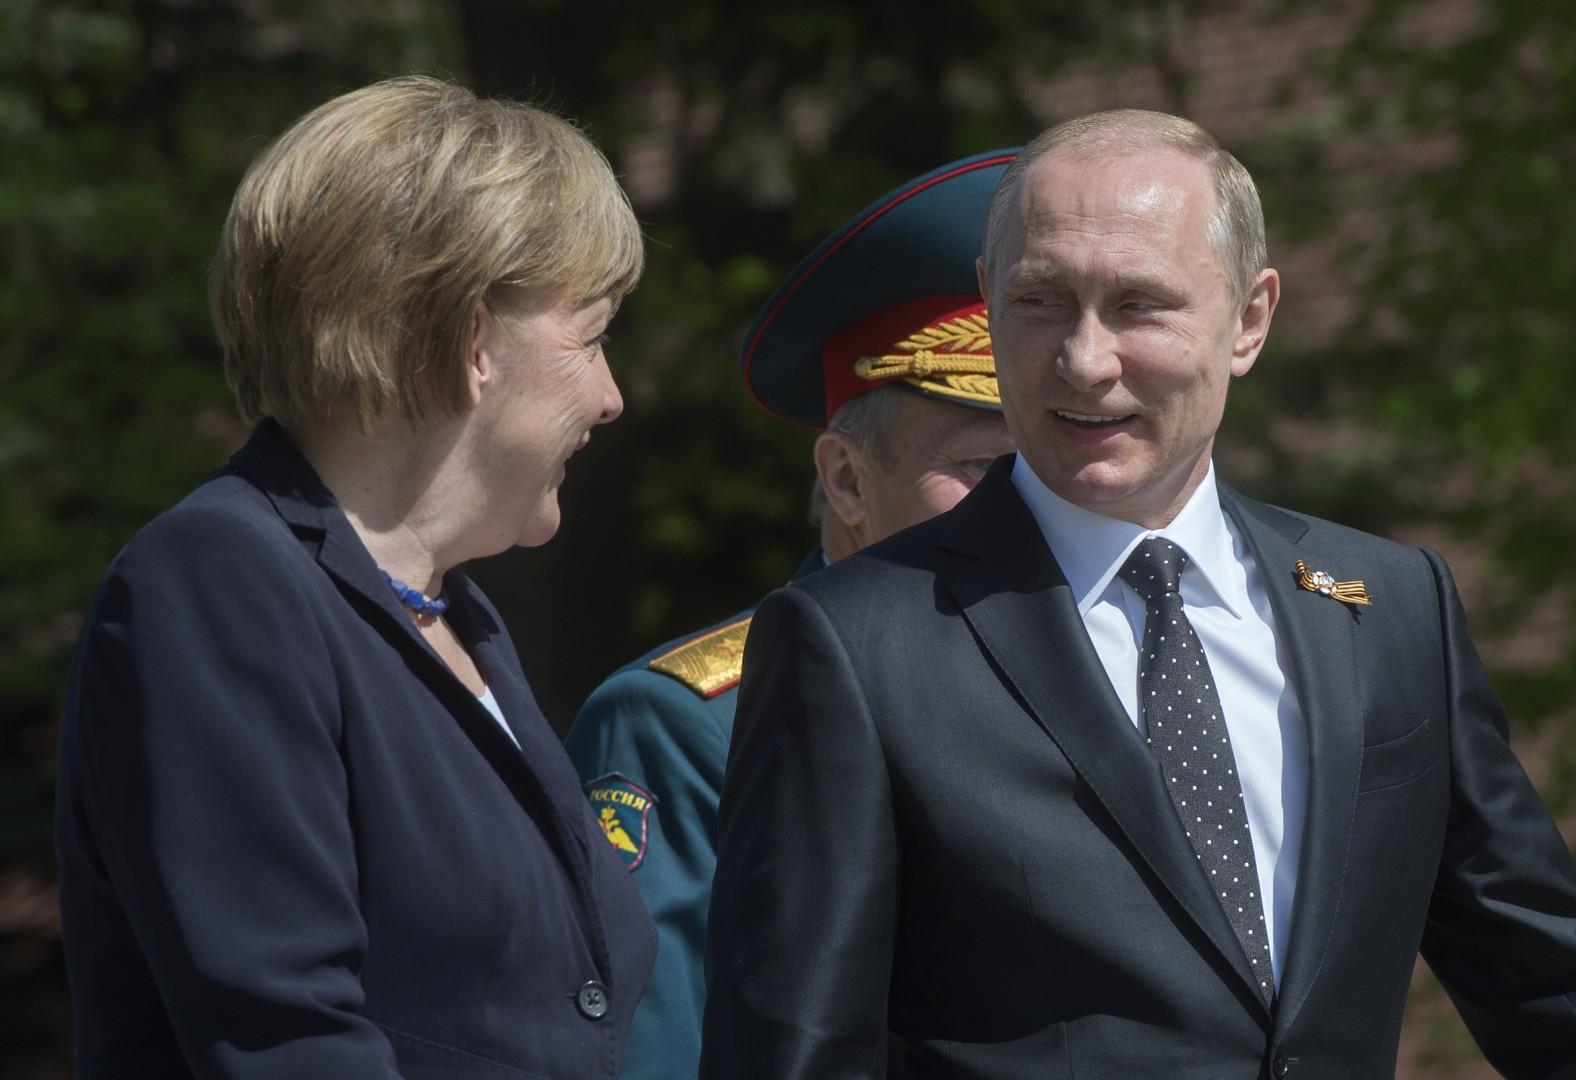 Angela Merkel rend hommage aux soldats soviétiques tombés pendant la Seconde Guerre mondiale